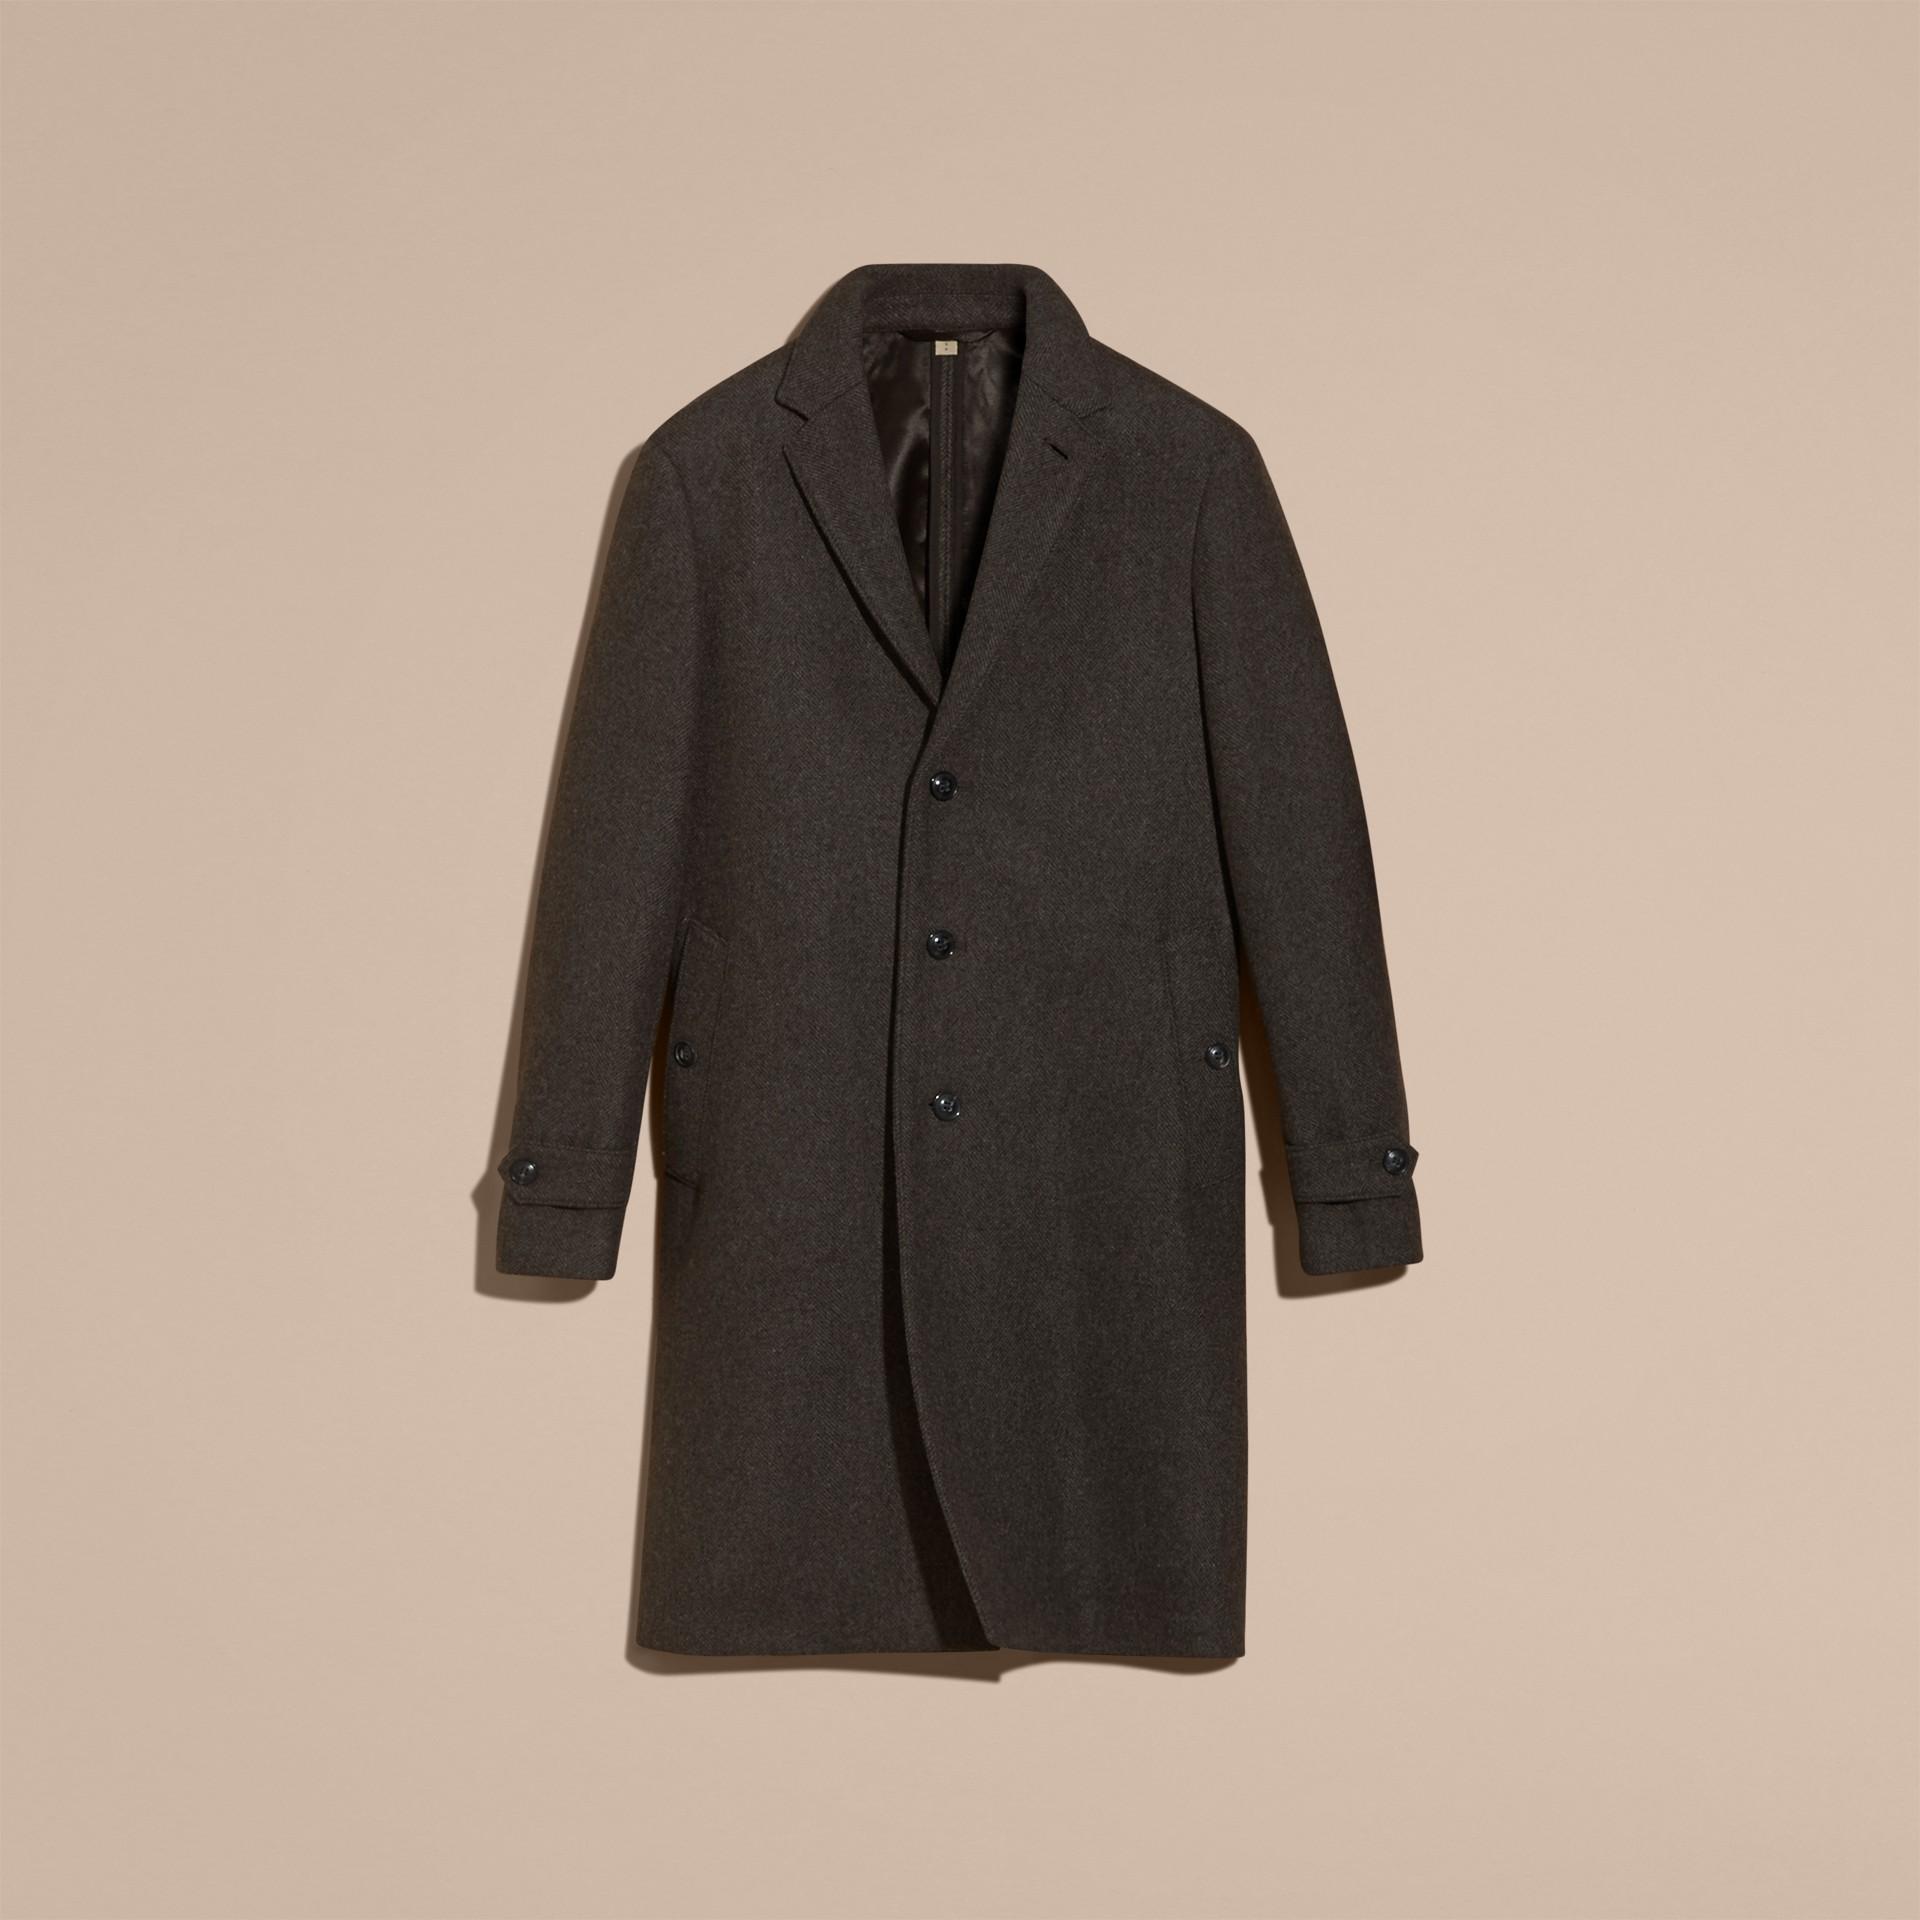 Camaïeu anthracite Manteau ajusté à boutonnage simple en laine mélangée - photo de la galerie 4